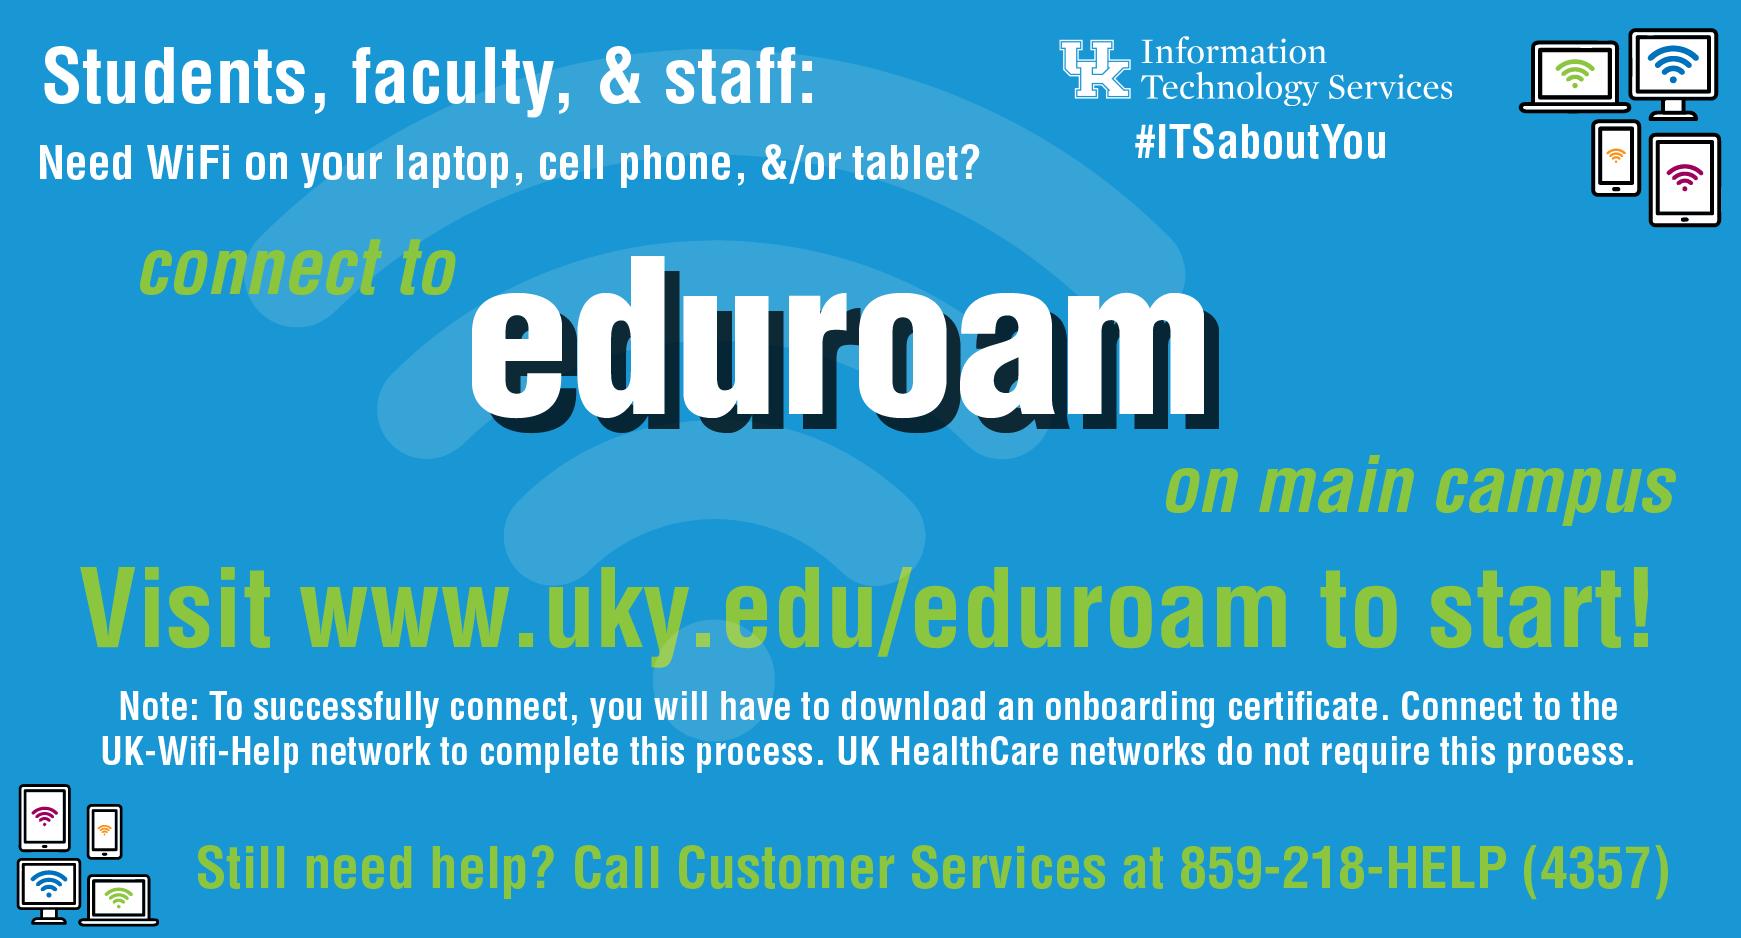 WiFi Help | University of Kentucky